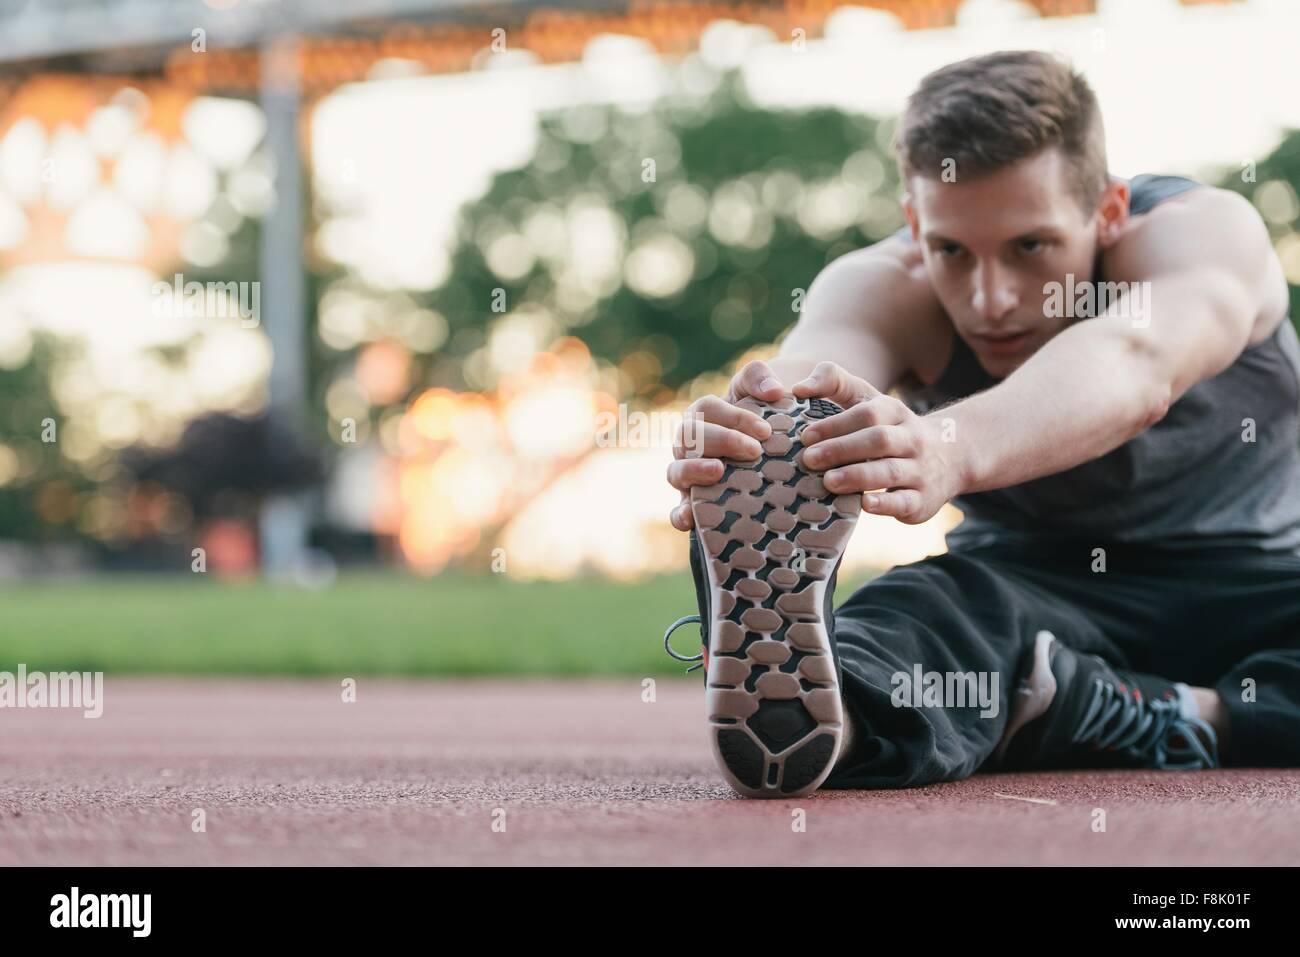 Jeune homme sur la voie des sports, tenant le pied, l'étirement Photo Stock